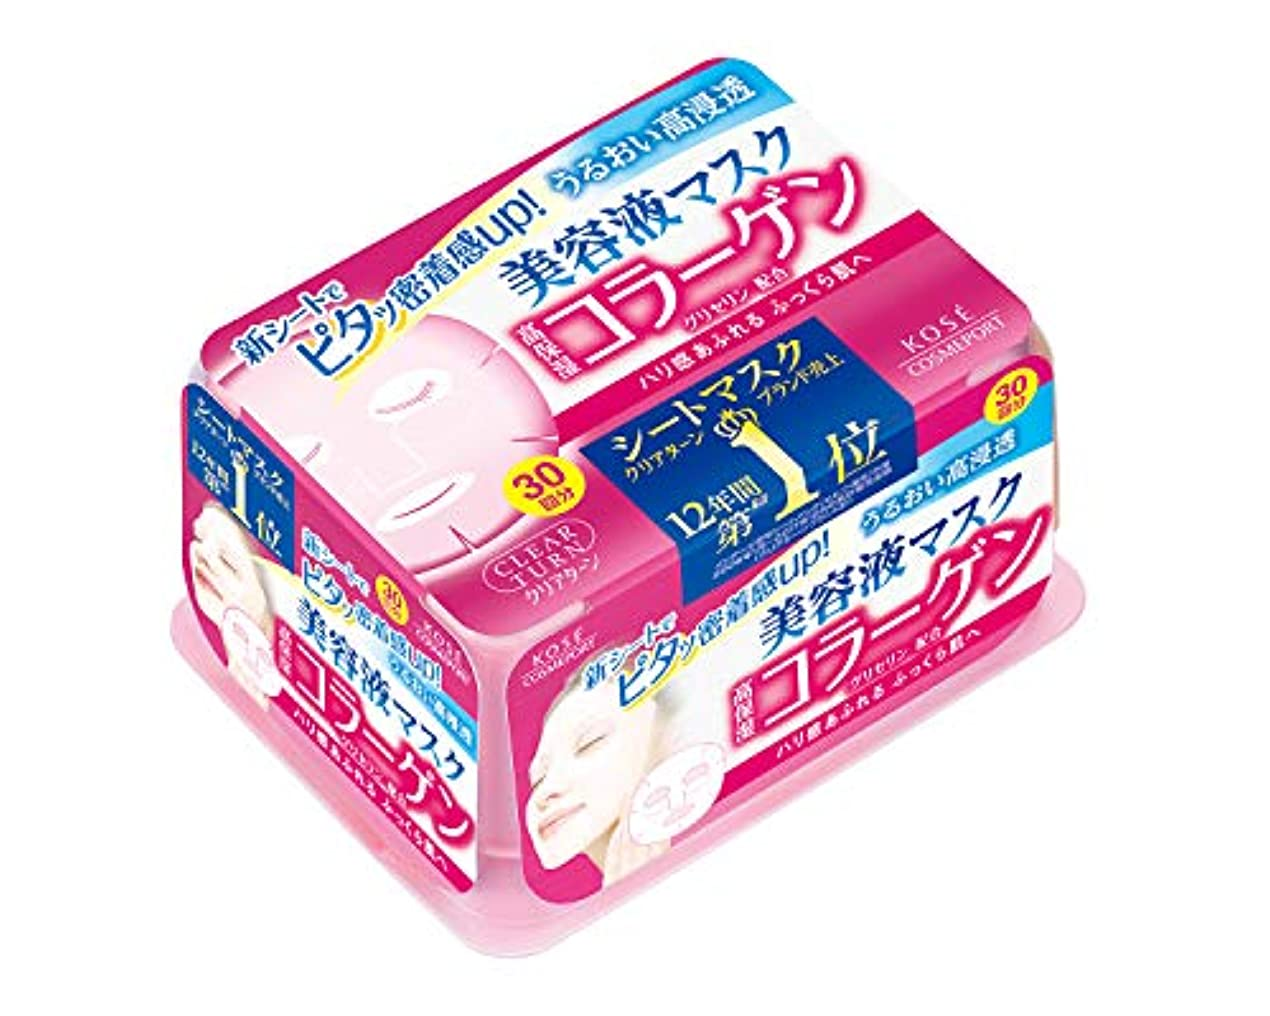 優先権ケーキ批判的にKOSE クリアターン エッセンスマスク (コラーゲン) 30回分